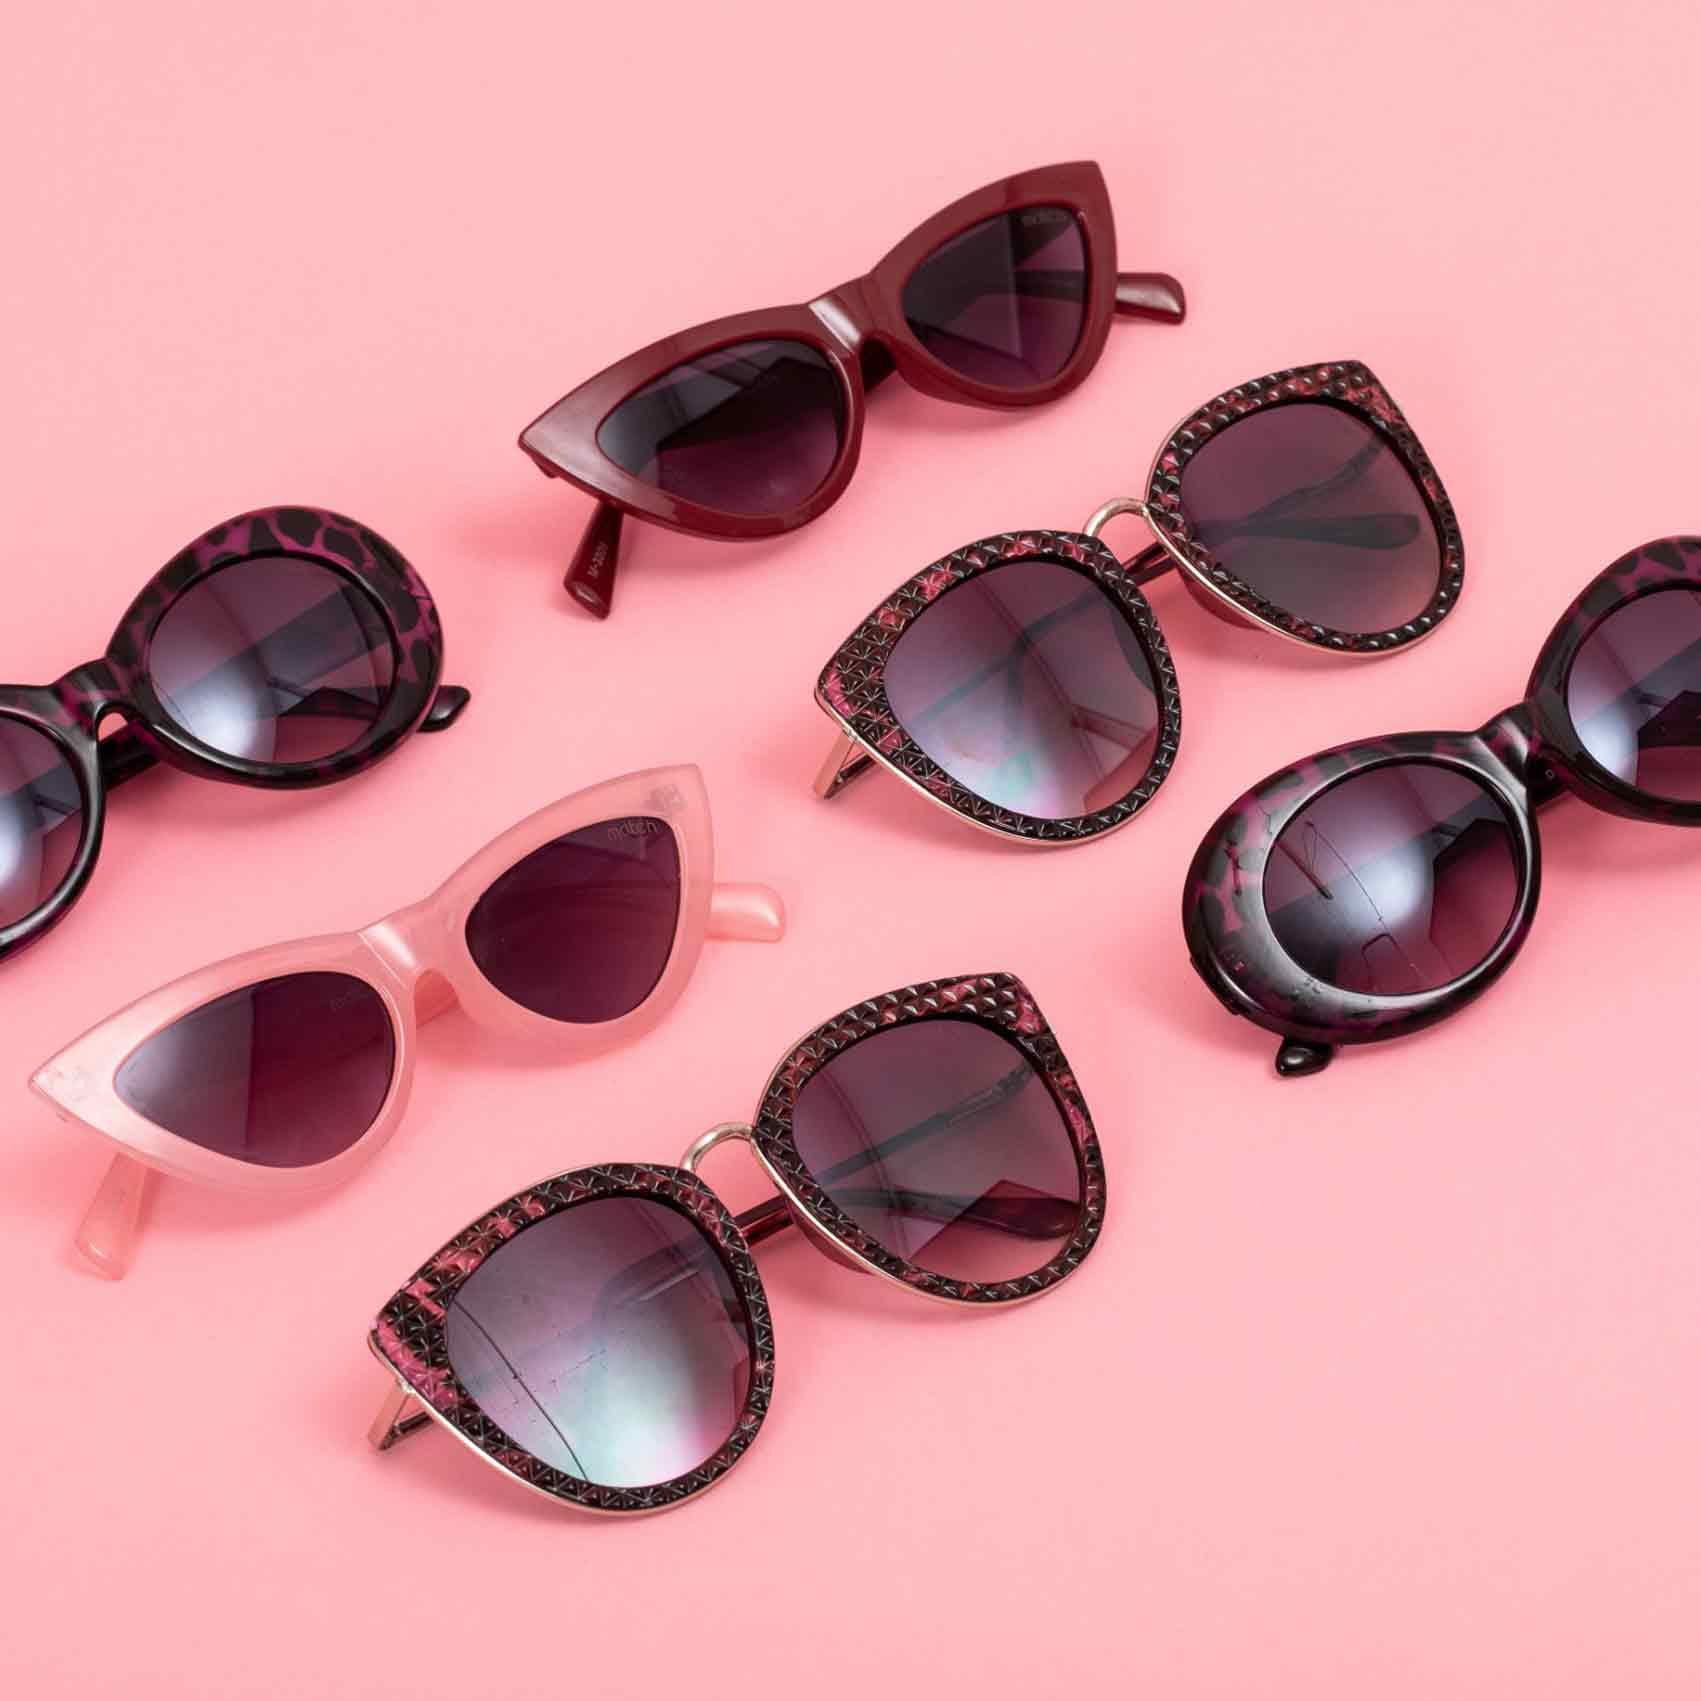 אופנה-קולקציית-משקפי-השמש-של-סקופ-צילום-עמירם-בן-ישי-אופנה